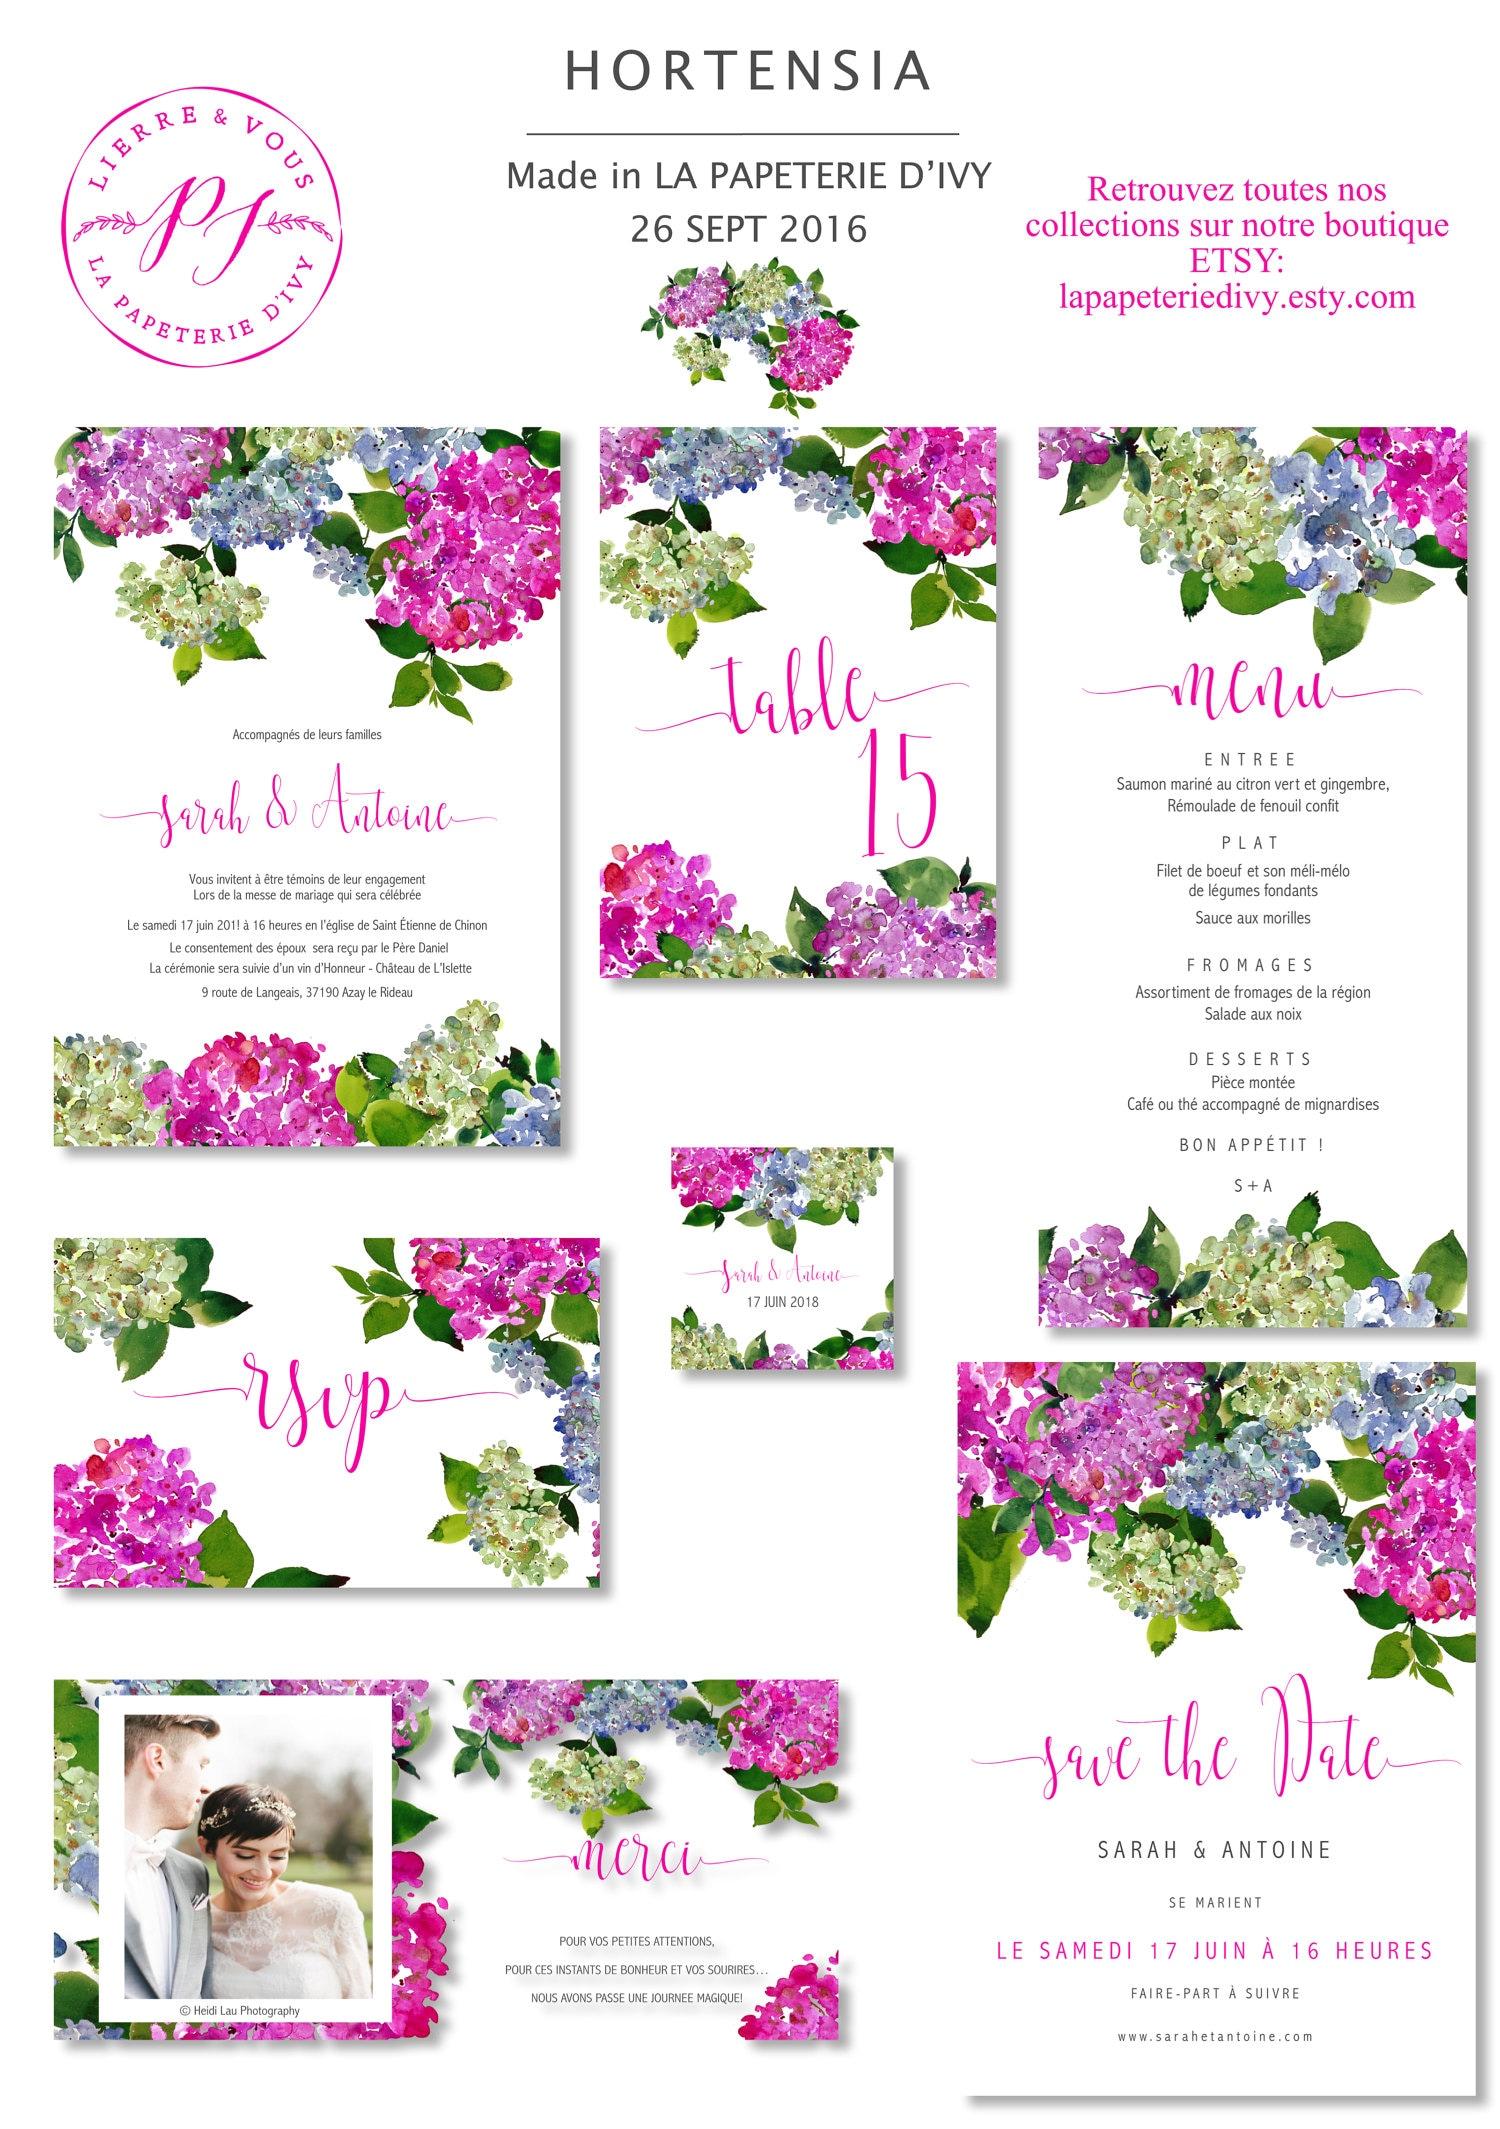 La Papeterie dIvy - Print-It Yourself